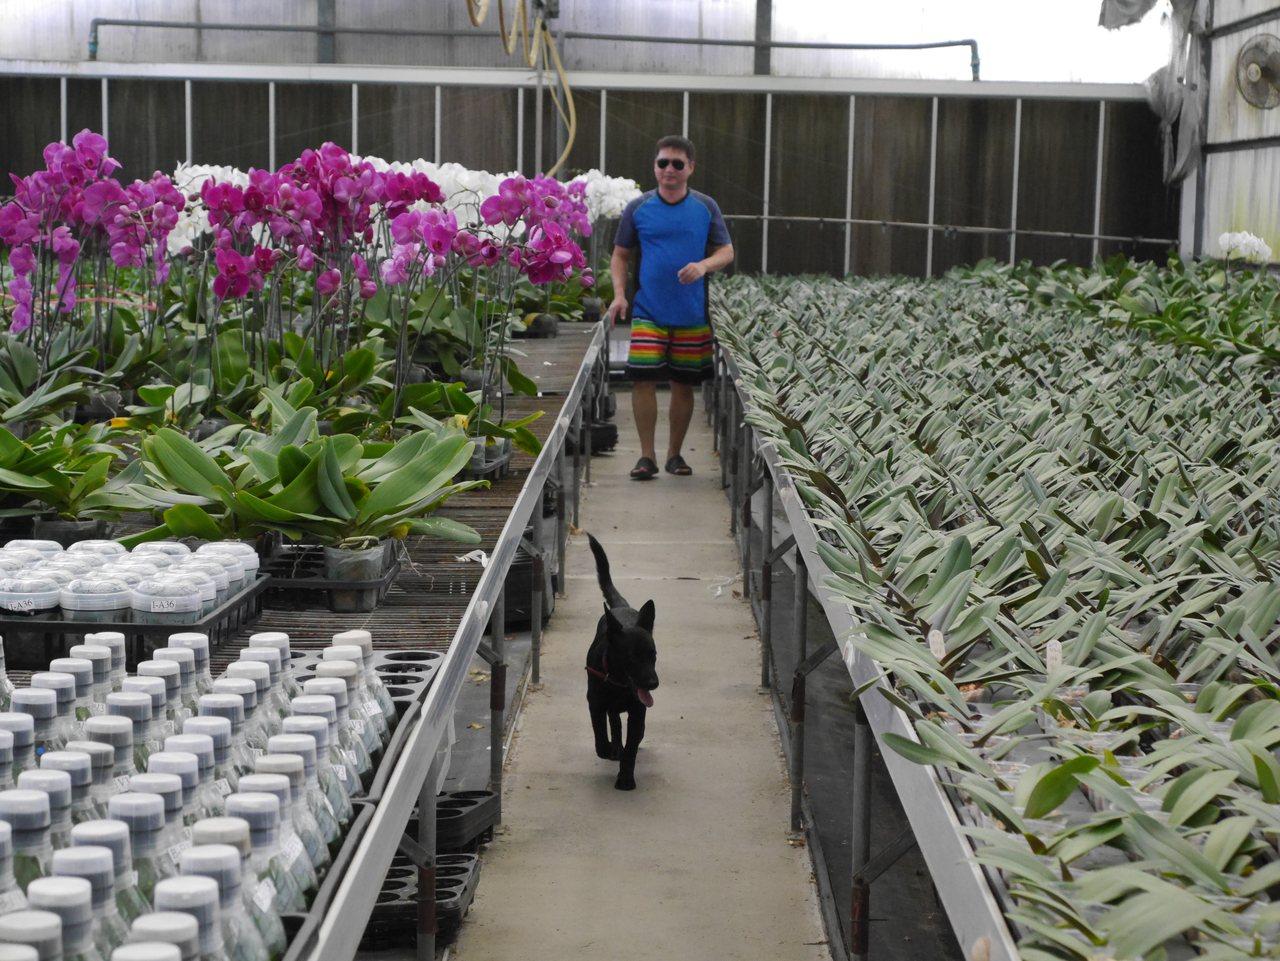 台南市動保處訓練流浪犬成為「護花使者」,守護蘭花園。圖/動保處提供